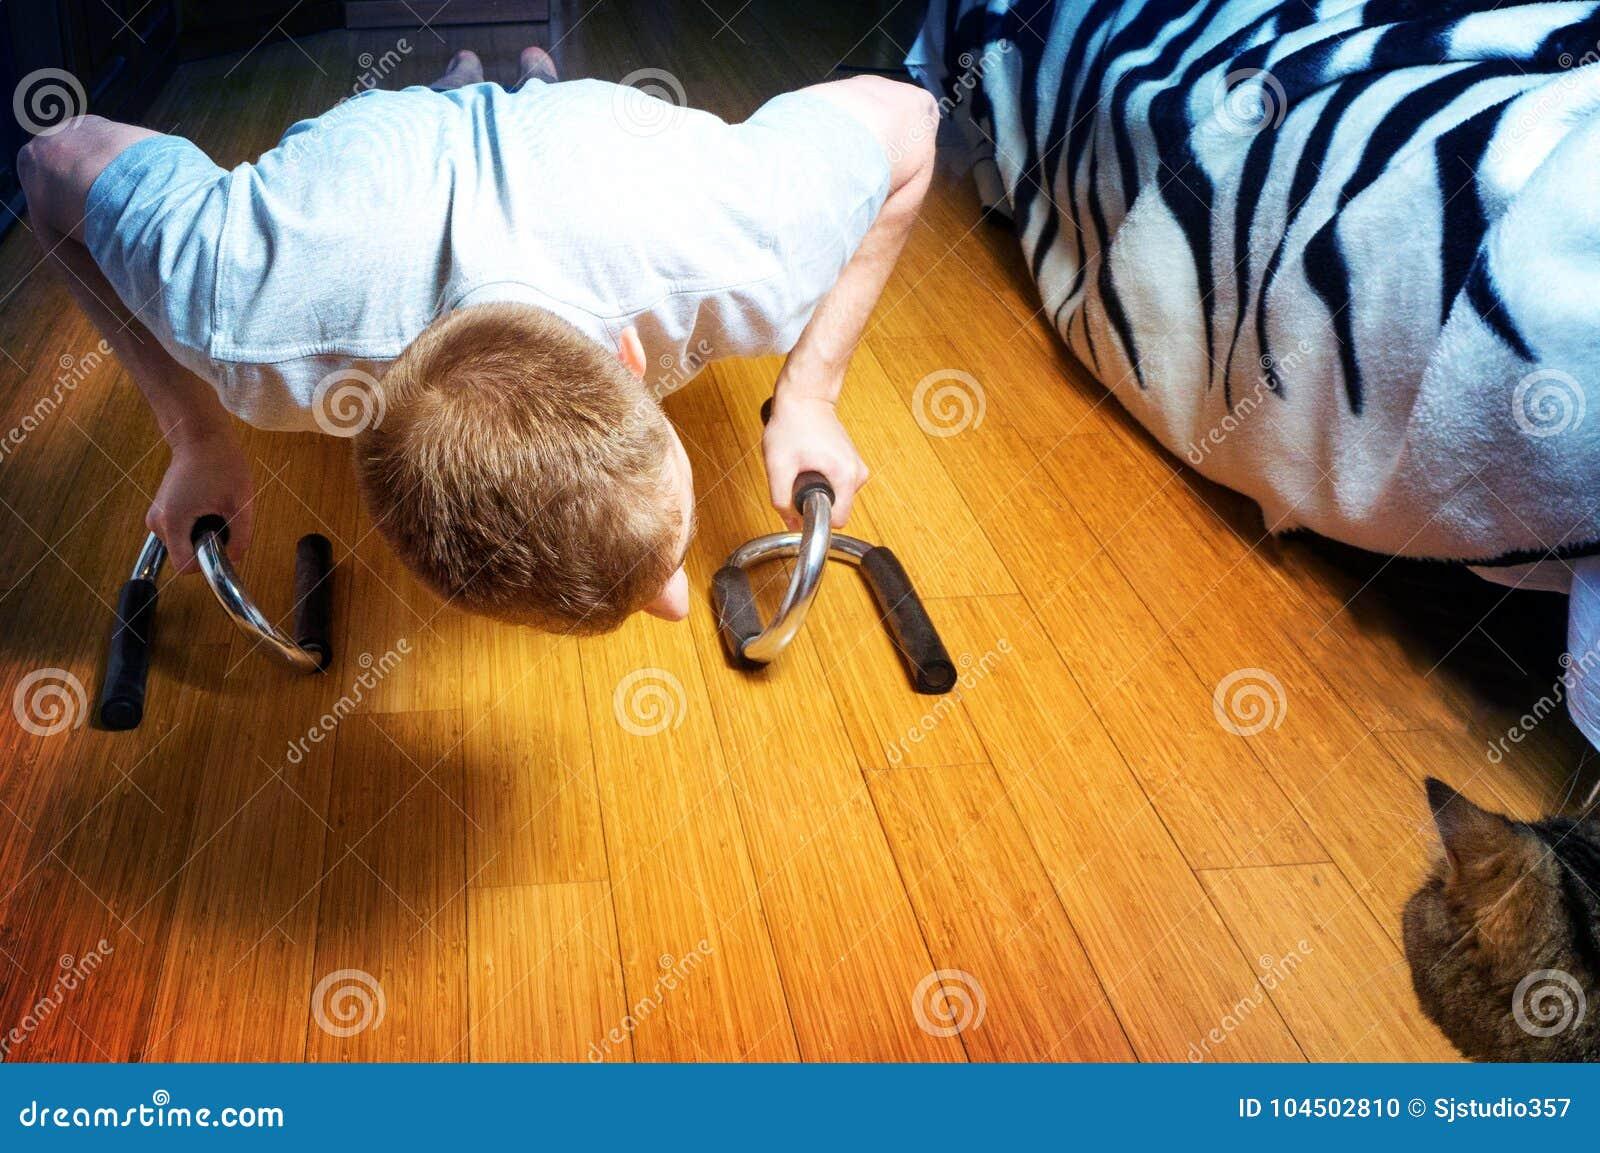 Человек делает нажим-поднимает дома комнату, и вахту кота на ем, здоровом образе жизни